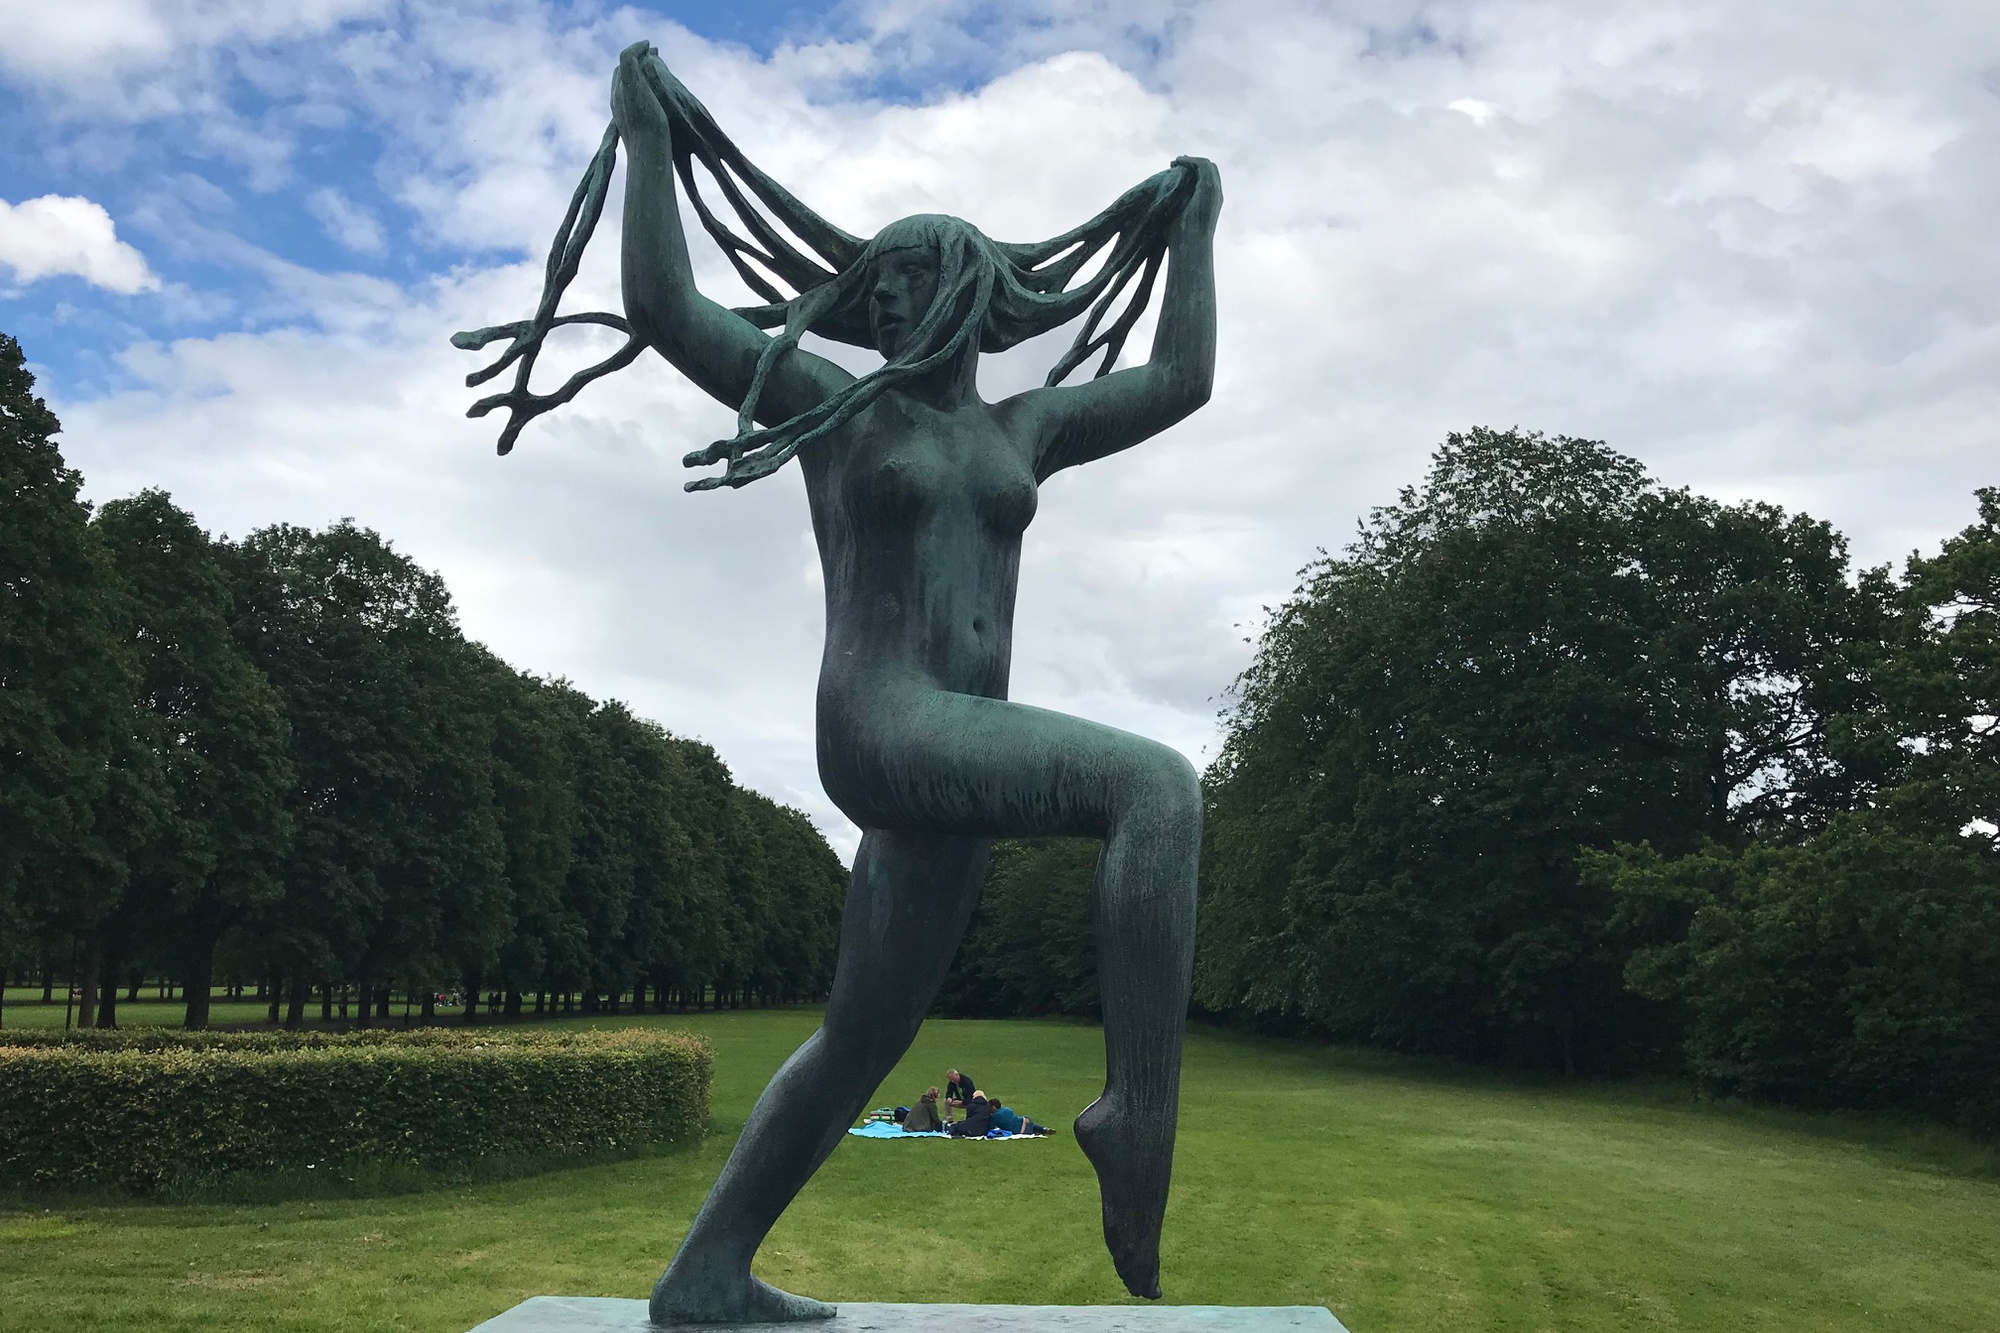 Een van de bronzen beelden op de beroemde brug in het Vigeland Park., WS